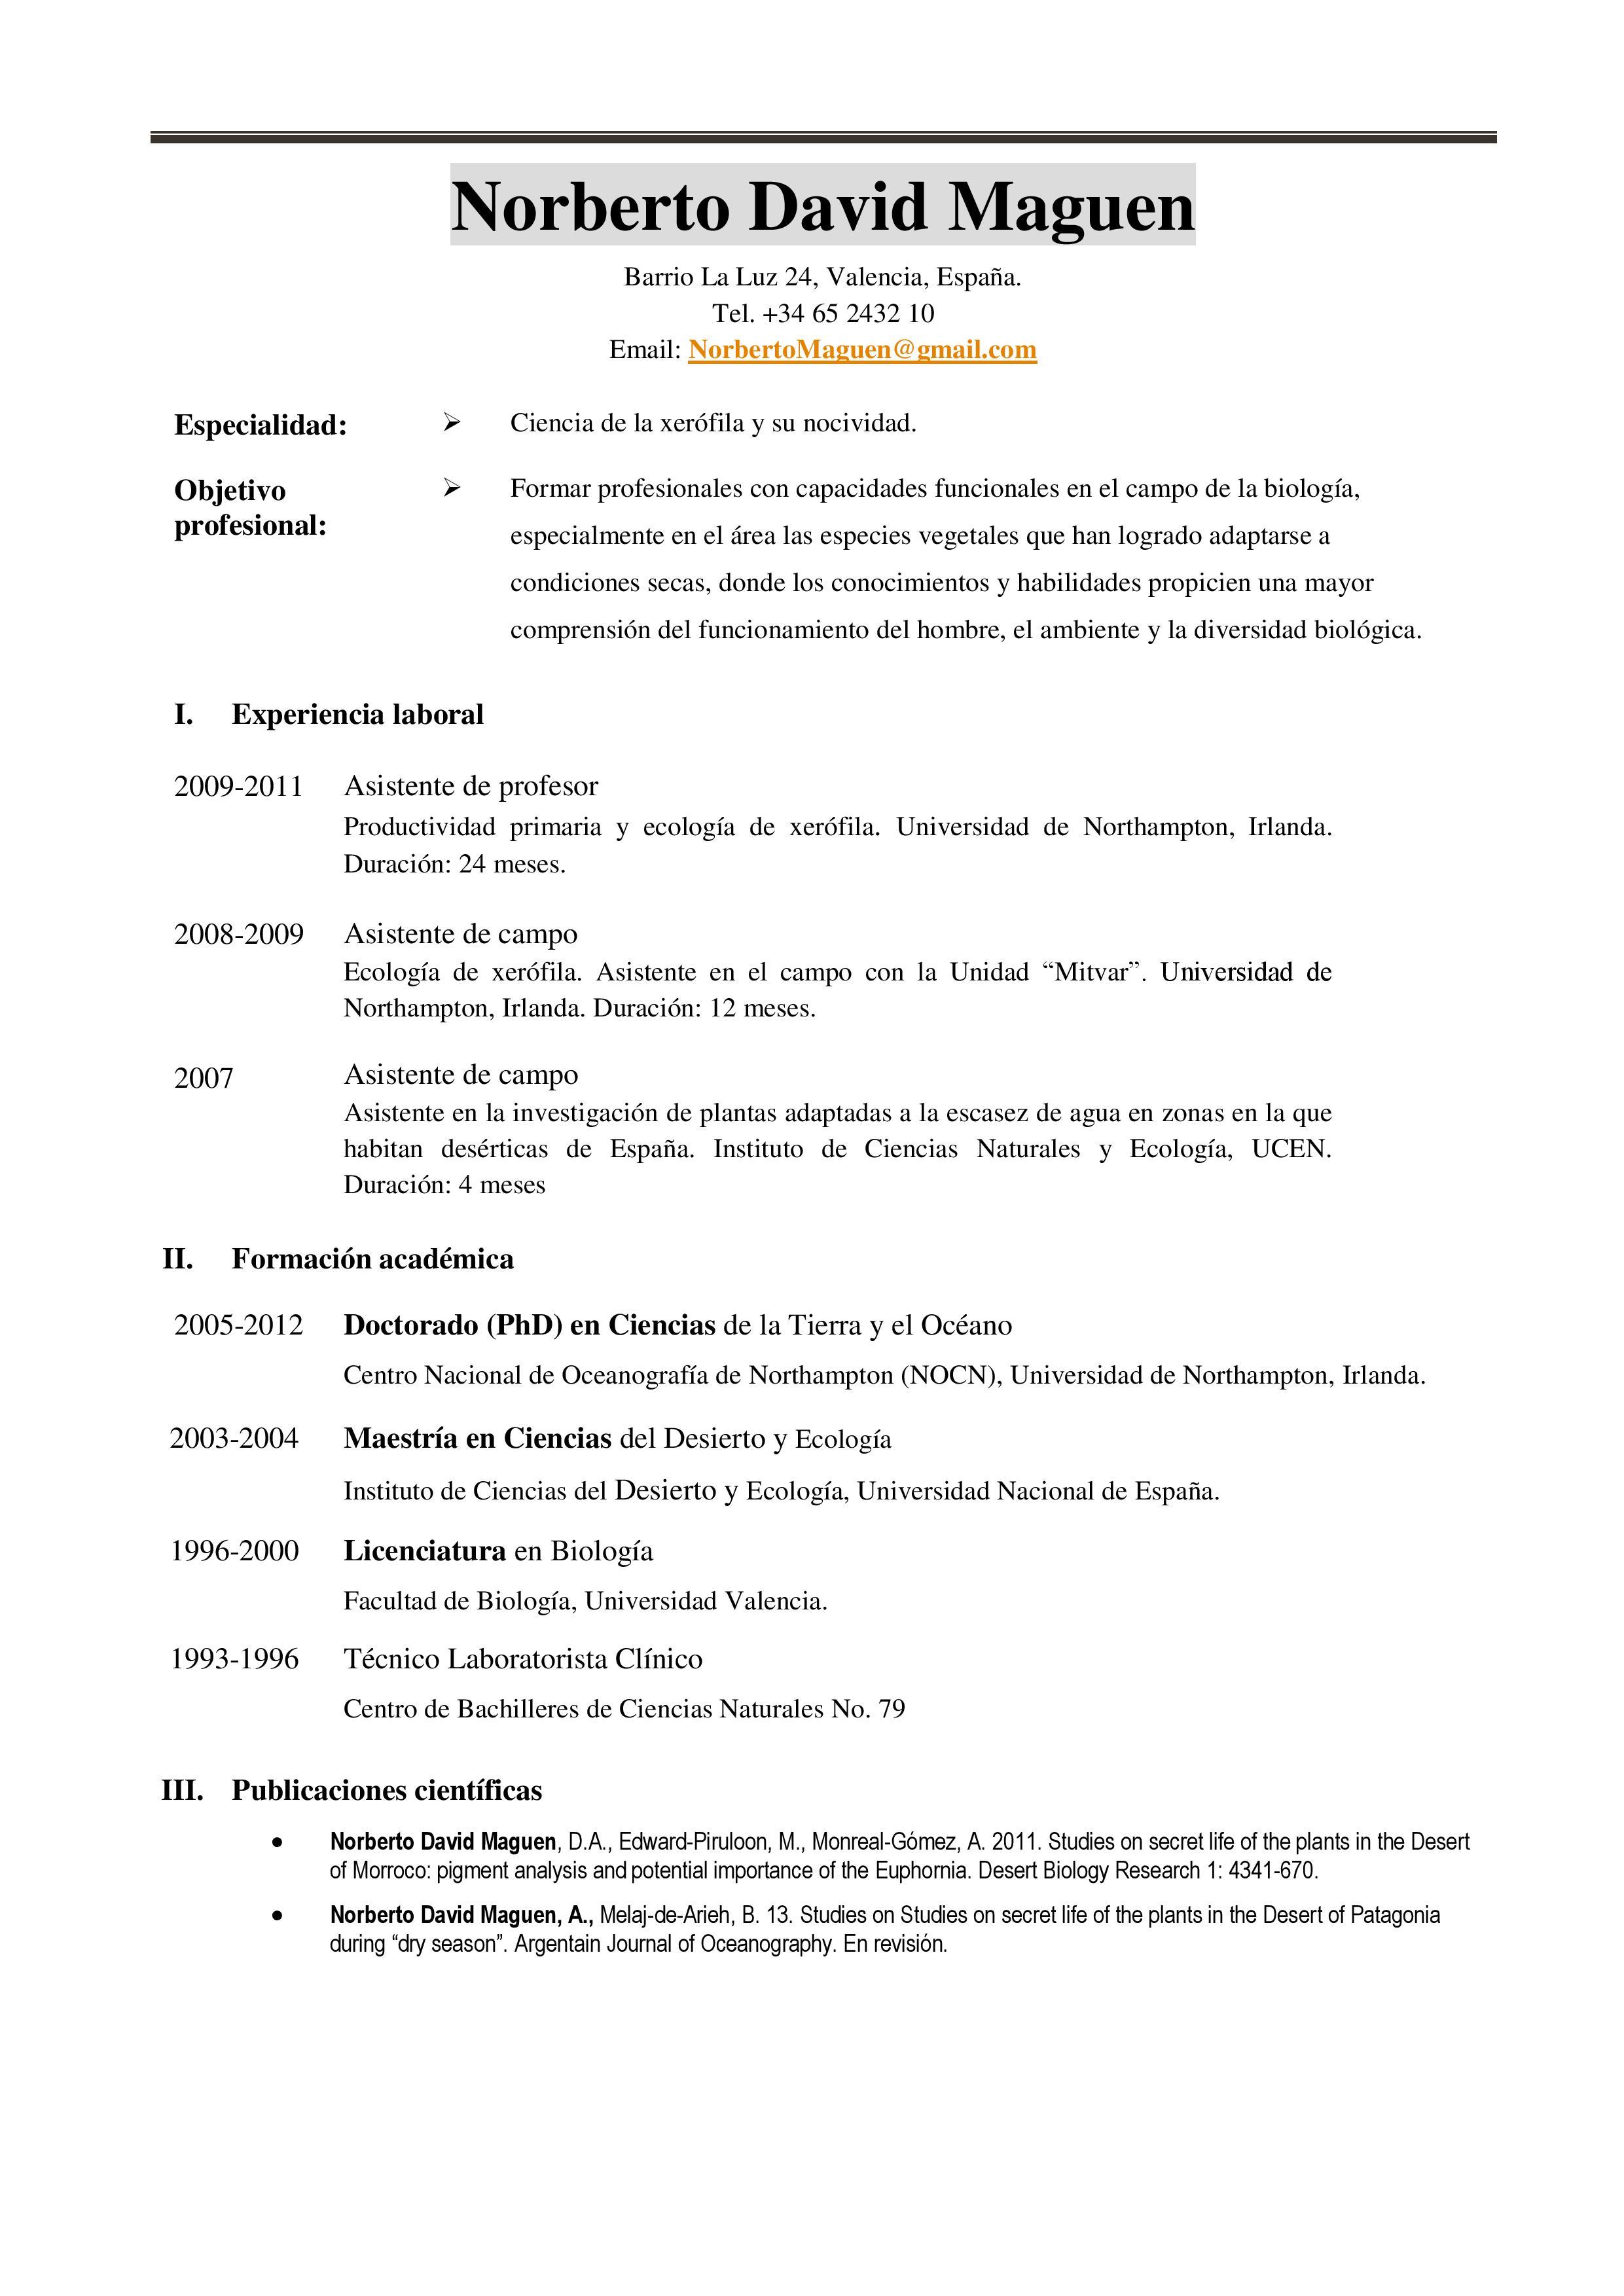 Como hacer un currículum académico - Ejemplos De